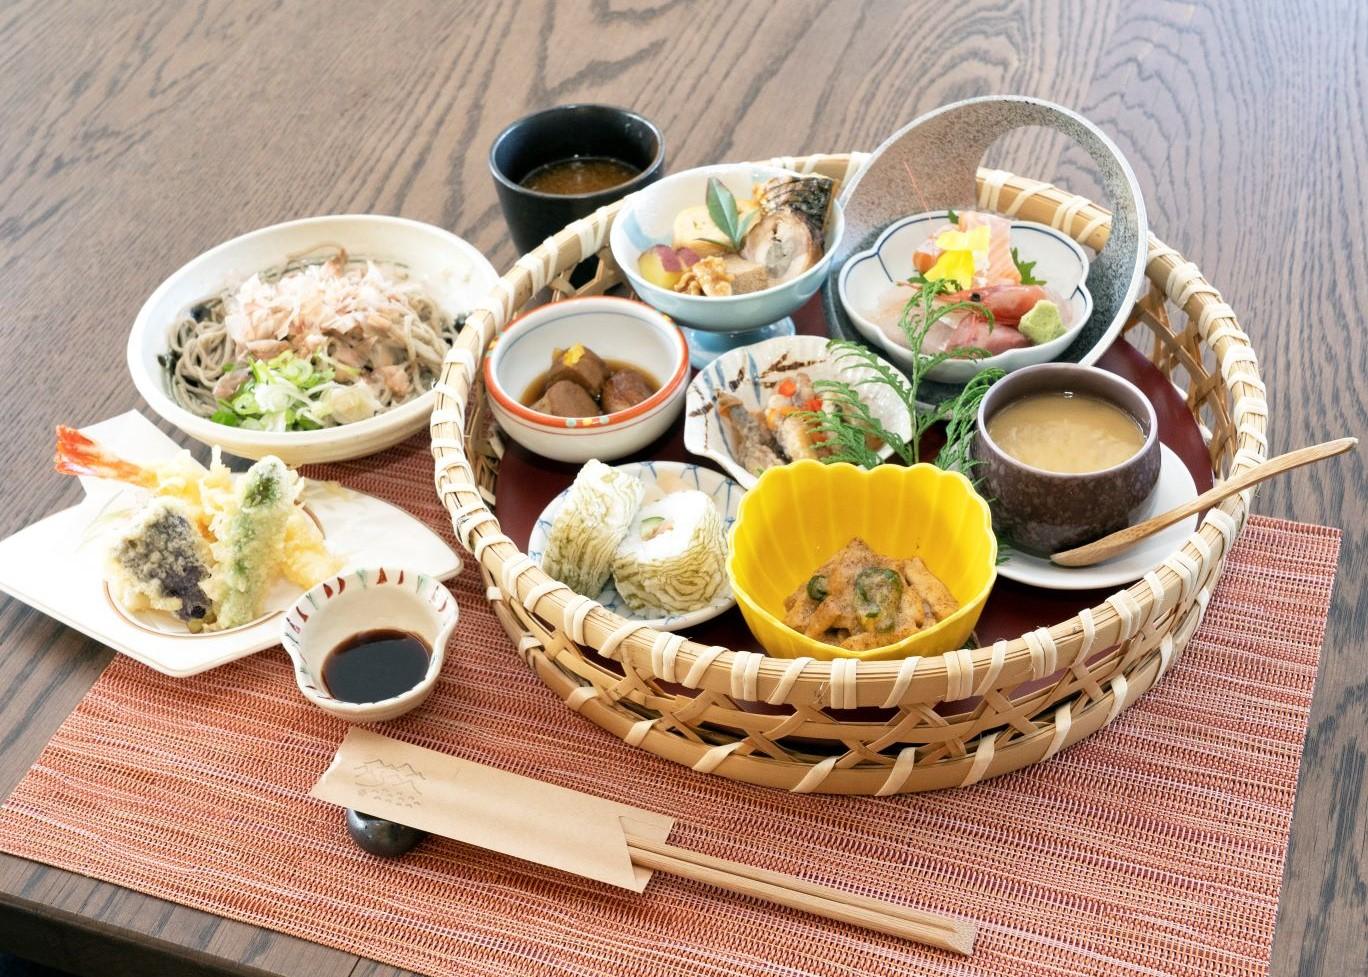 饗膳(おもてなし)ランチ2600円。季節により内容は変動(写真は12月のメニュー。デザート・コーヒー付き)。